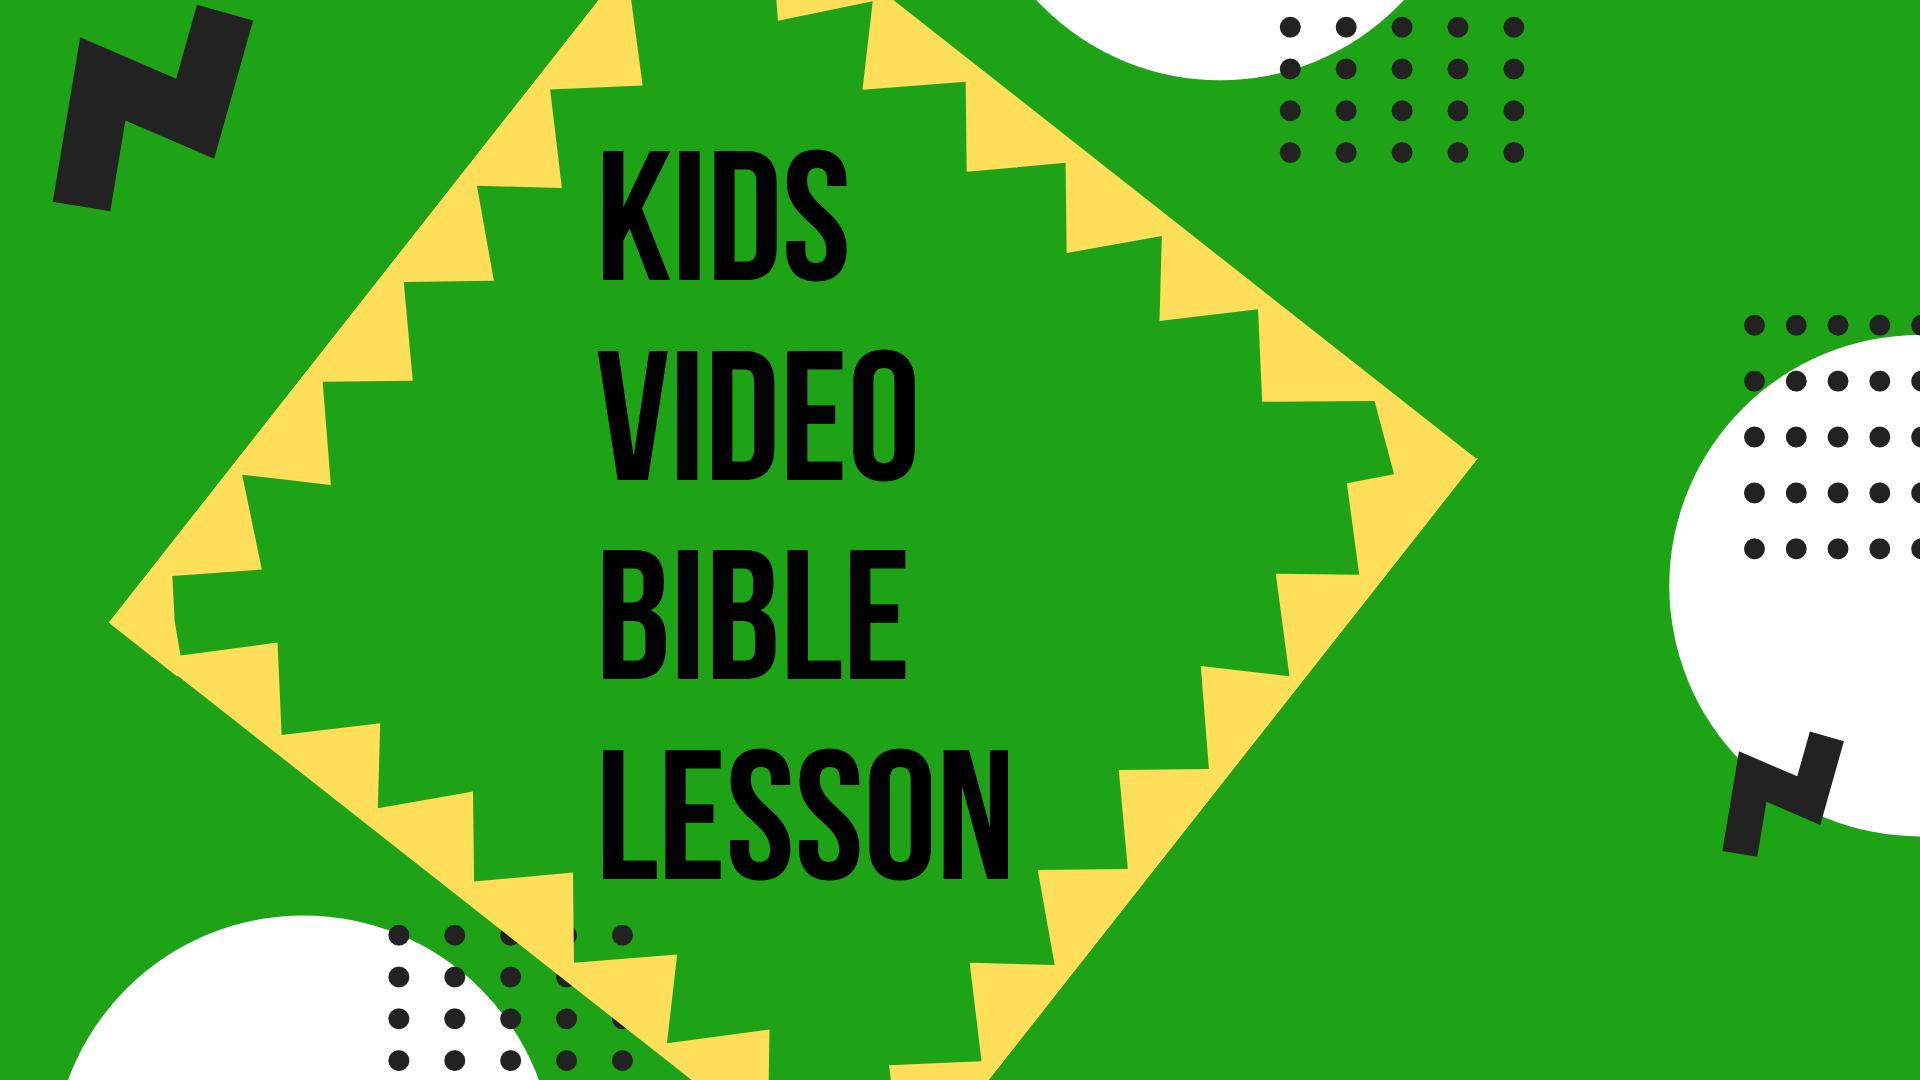 Kids Bible Lesson